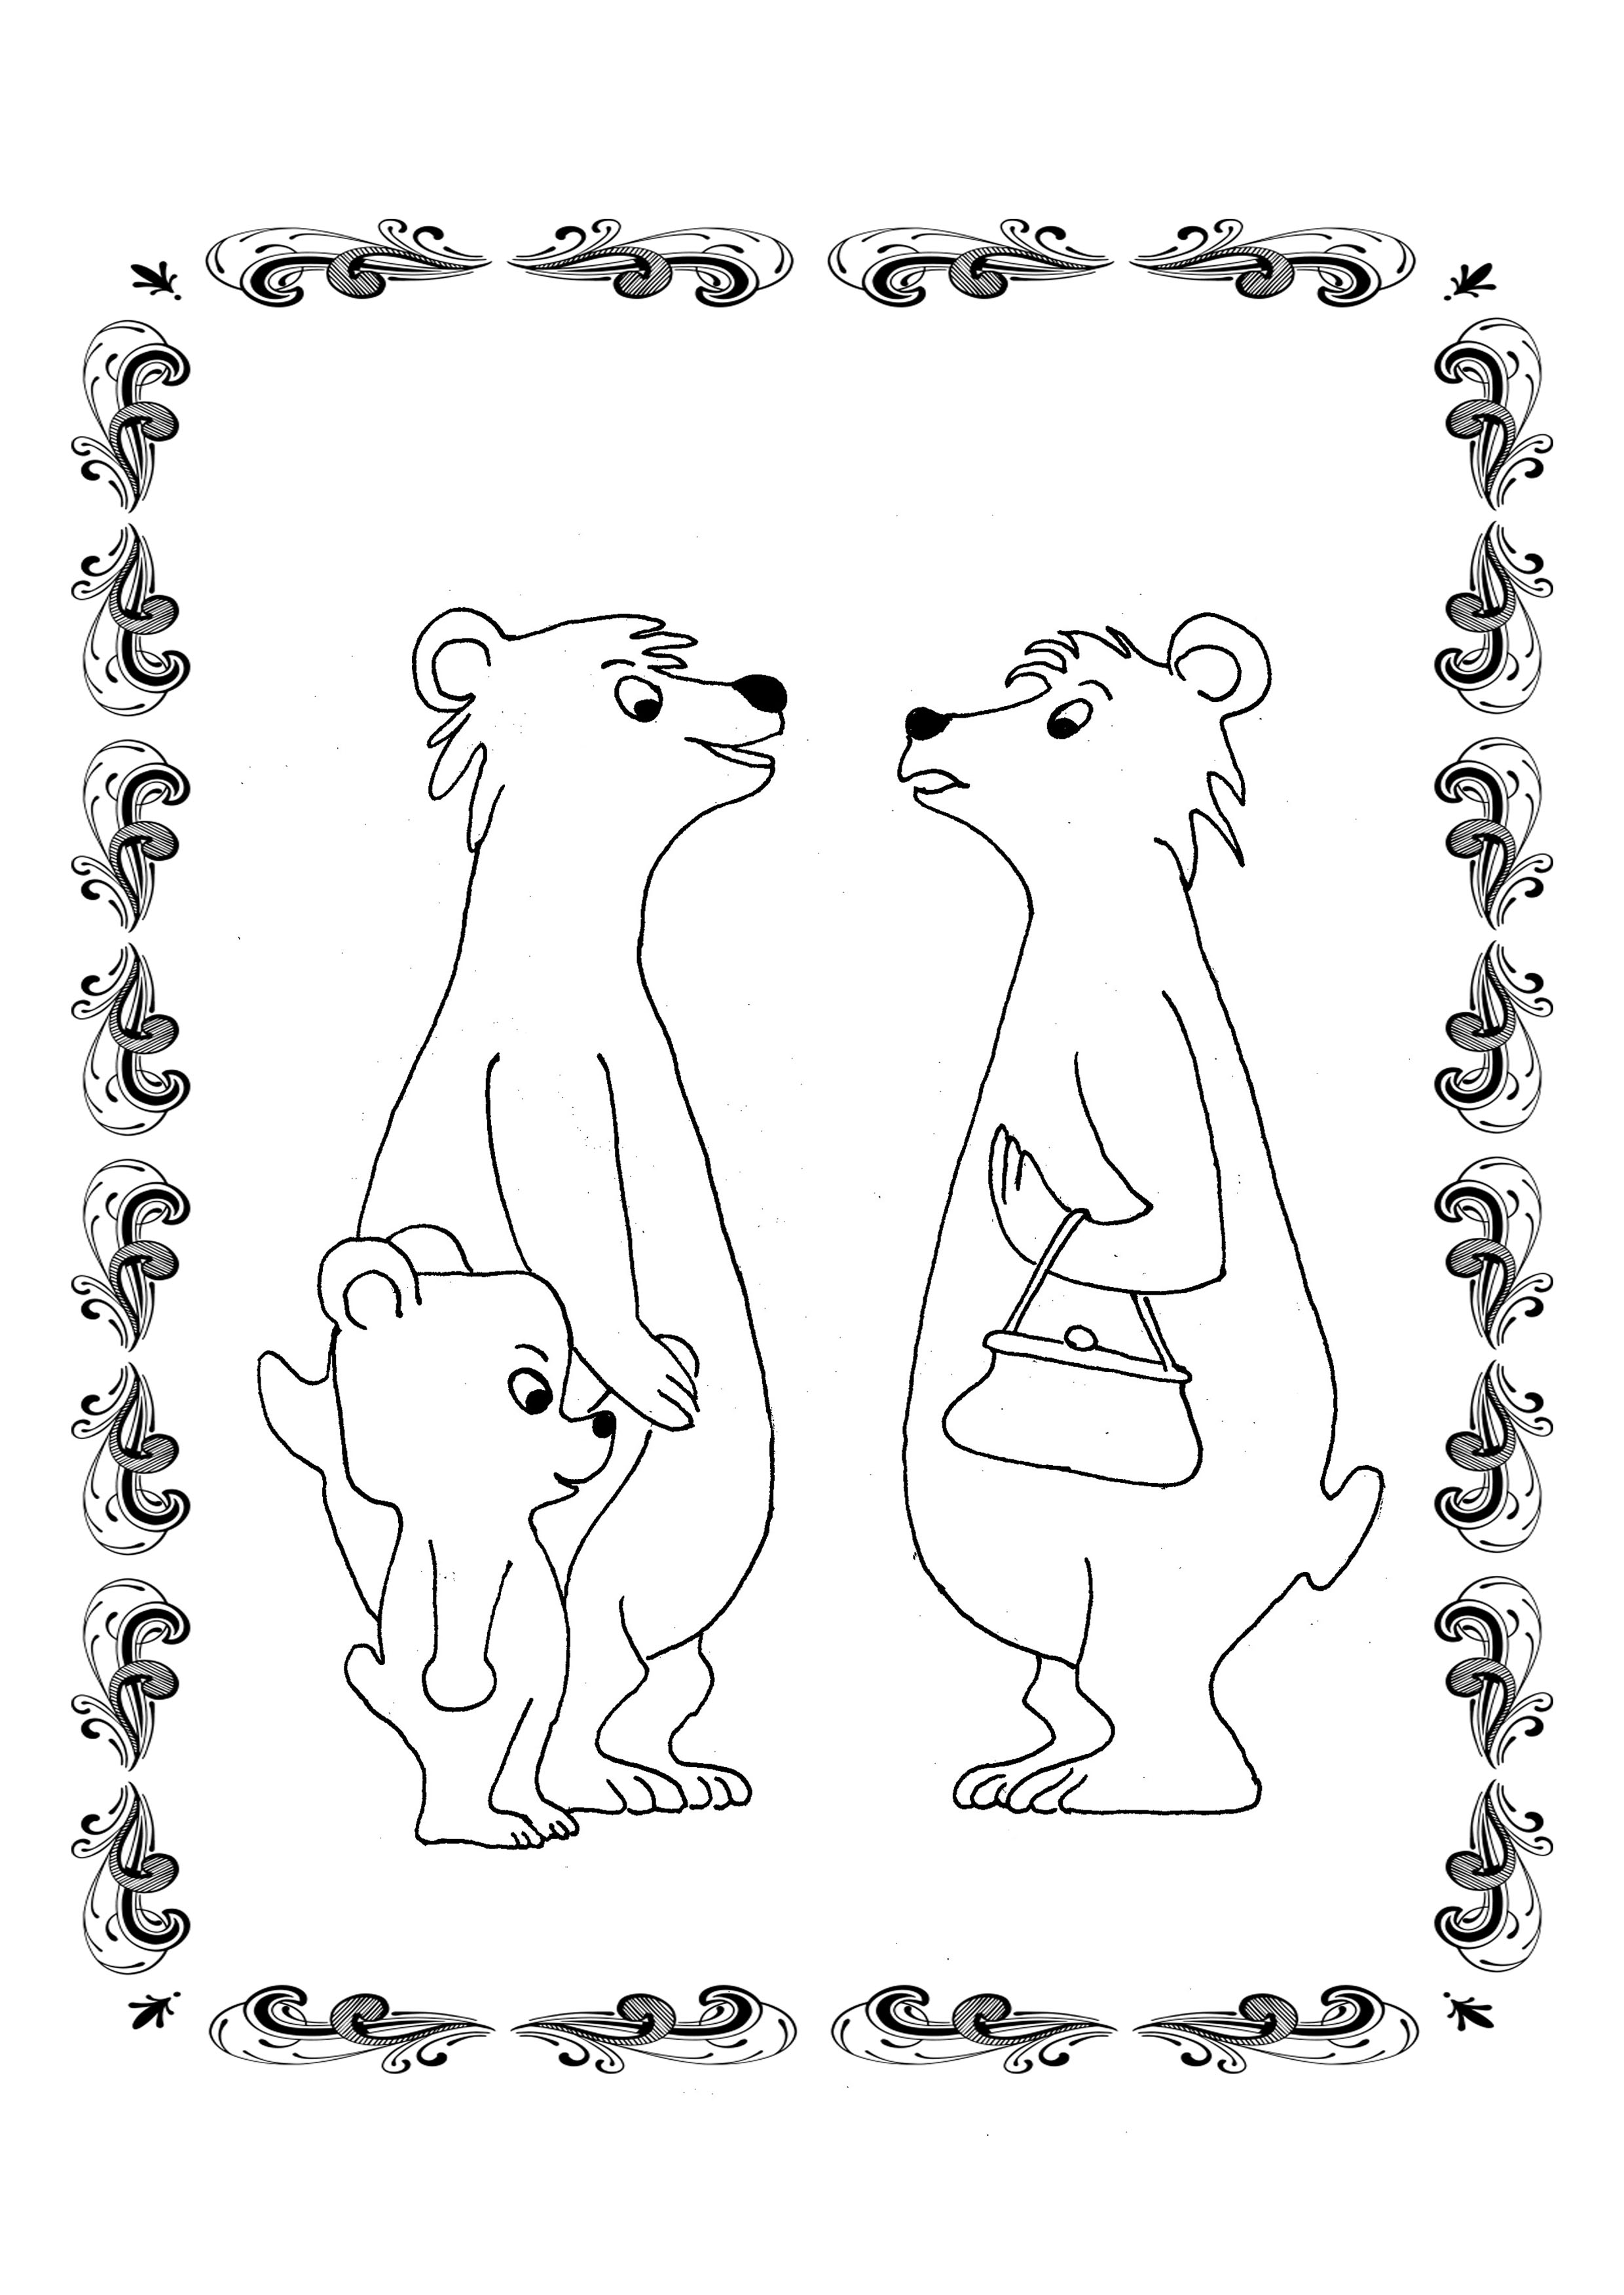 Ausmalbild für Kinder: Bären - Ulli Verlag